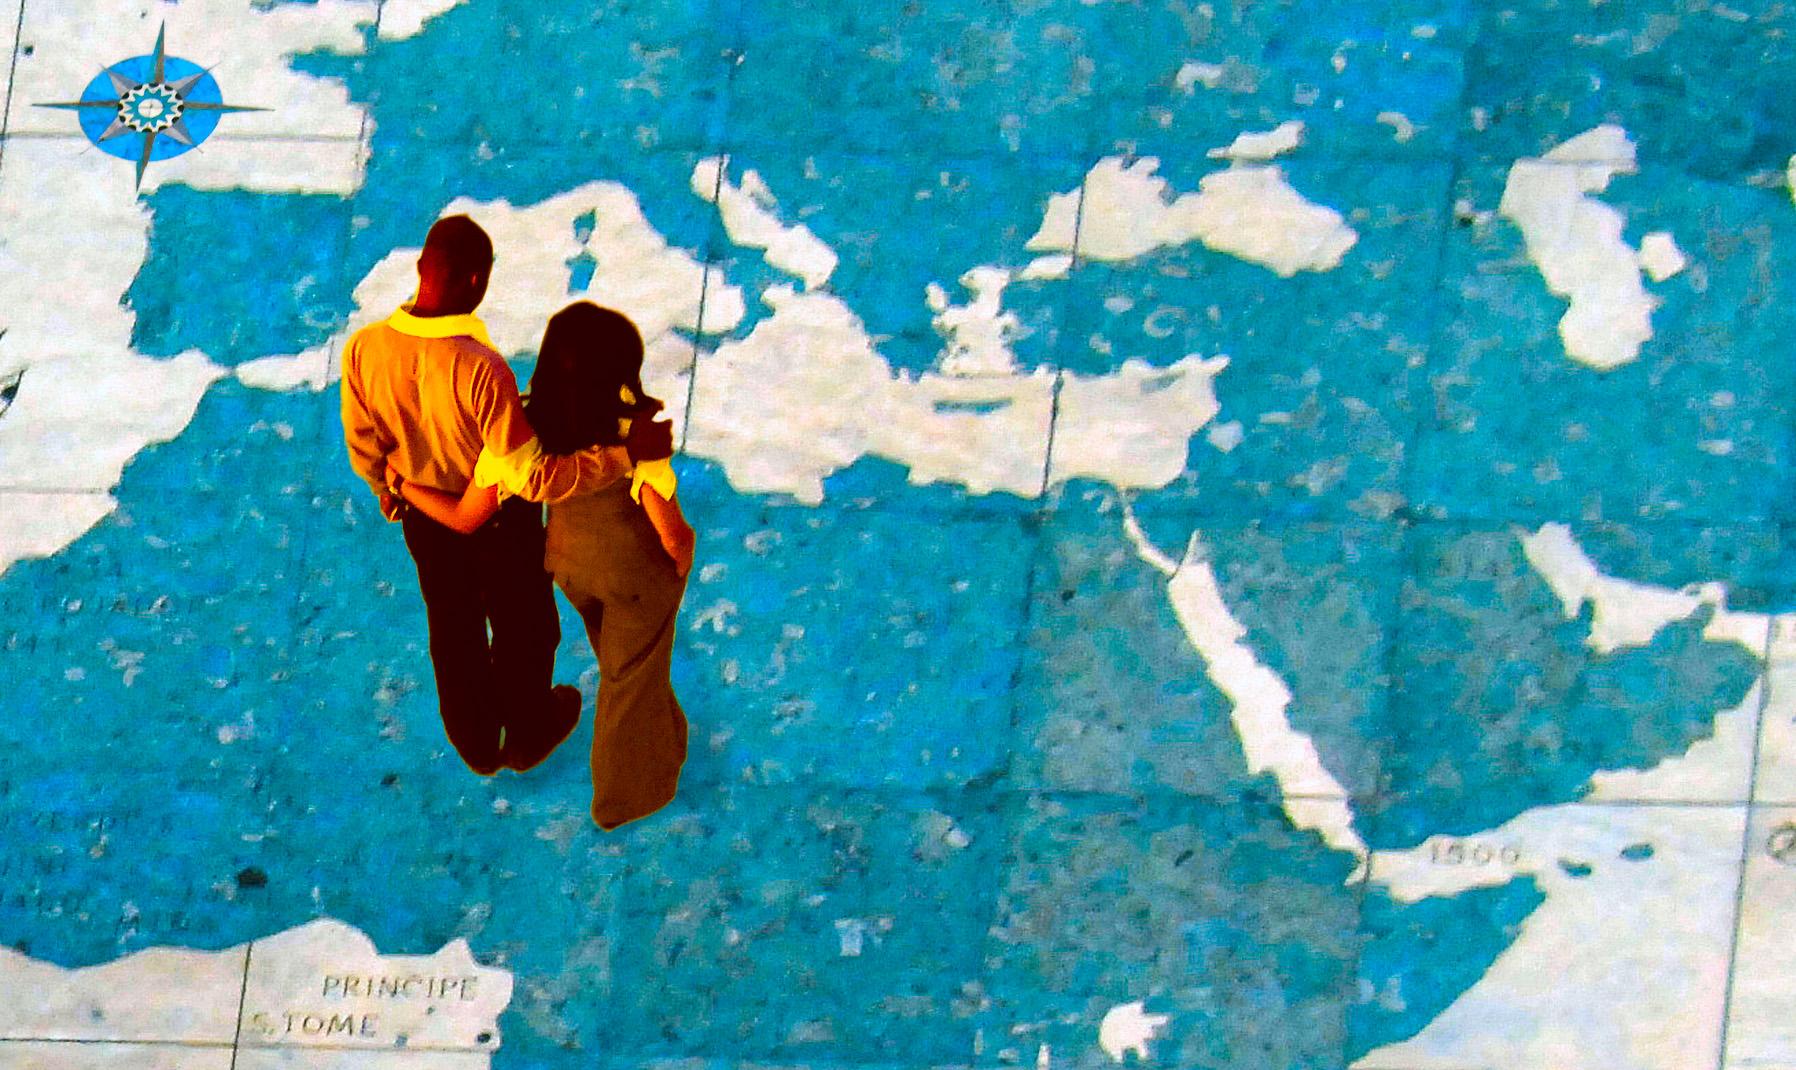 Un homme et femme sur un planisphère géant regardent le Moyen-Orient